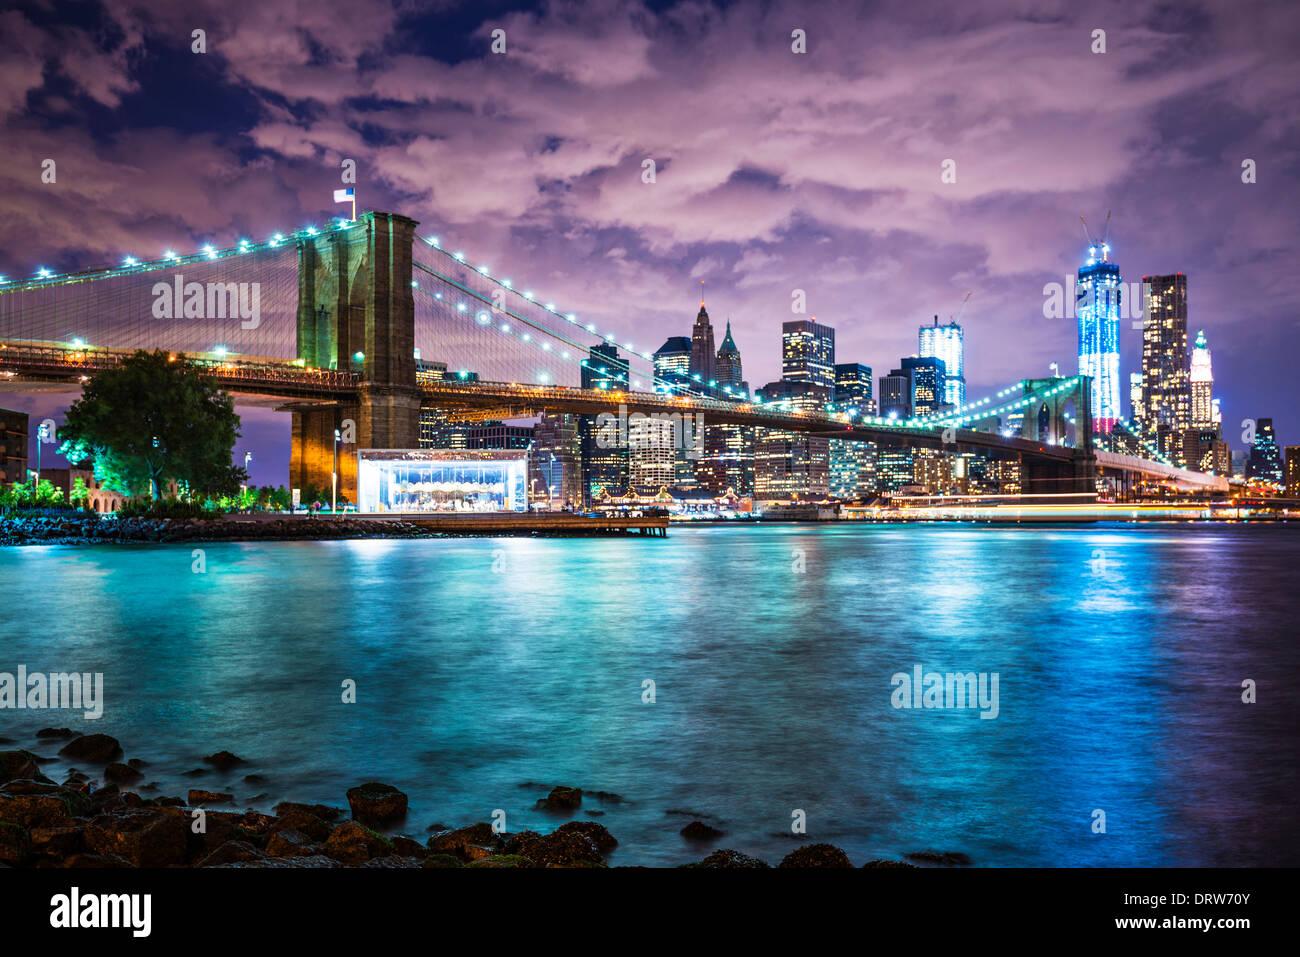 La ville de New York avec une couverture nuageuse. Photo Stock